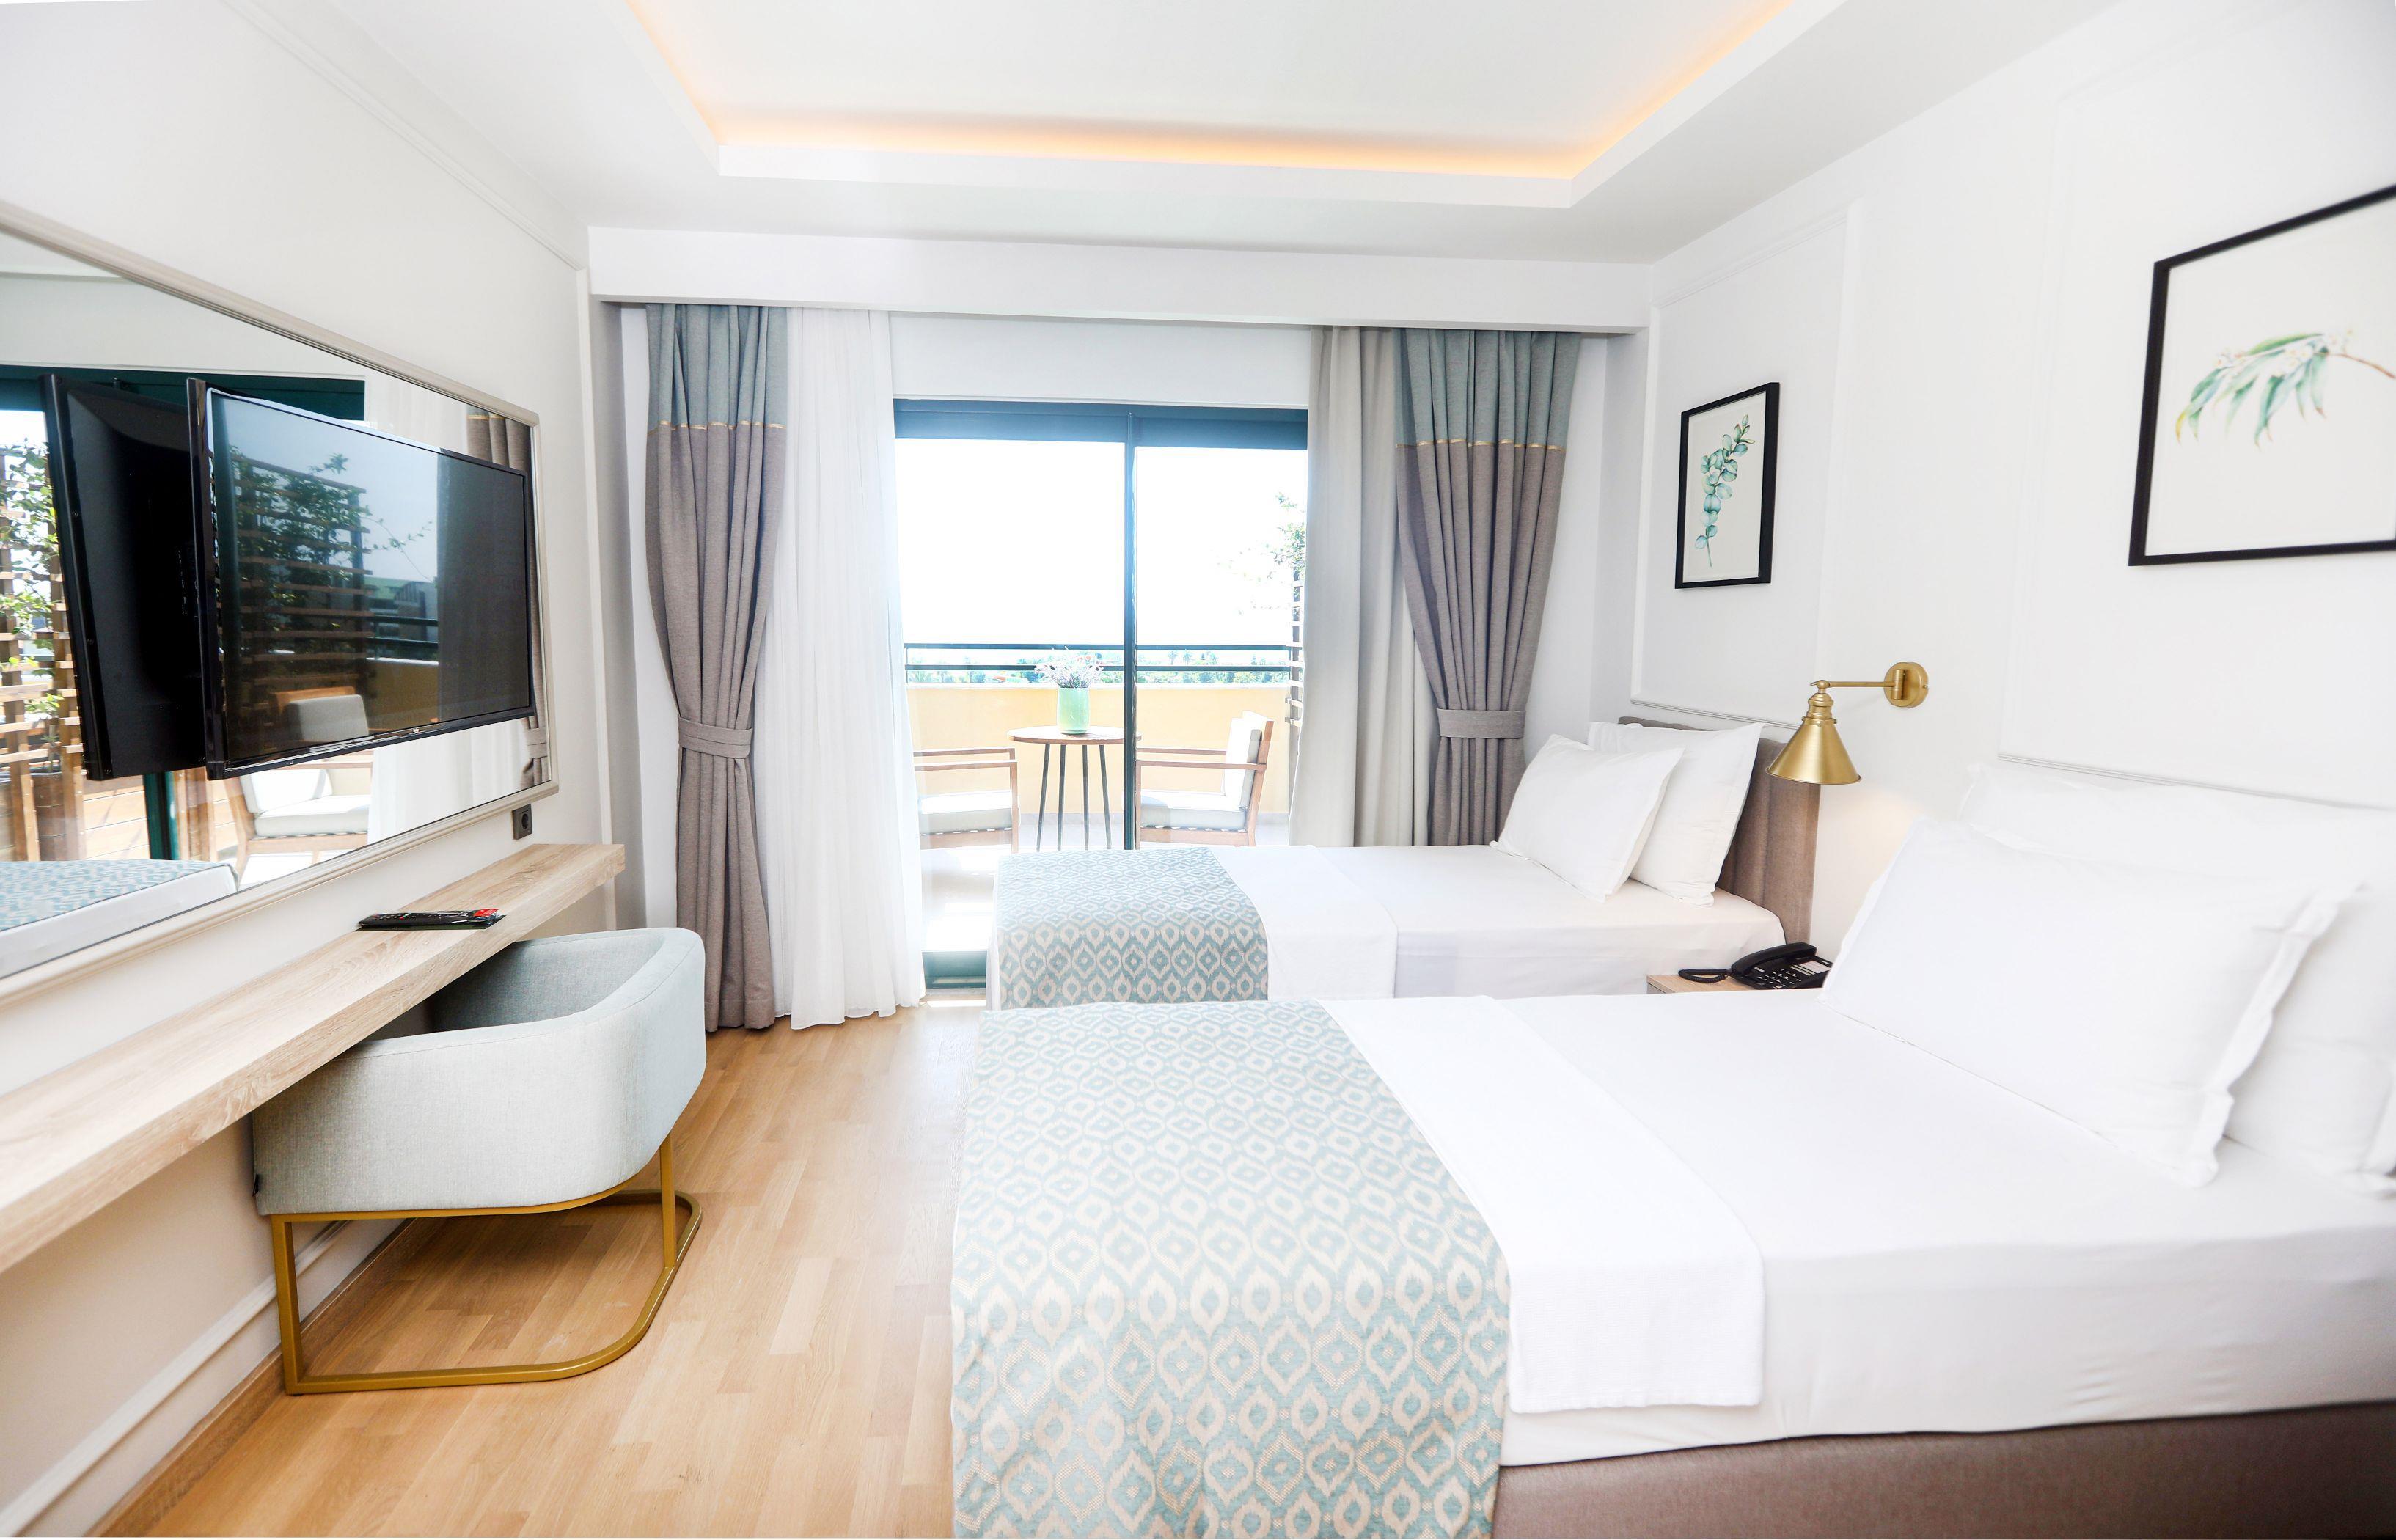 http://www.orextravel.sk/OREX/hotelphotos/miramare-queen-hotel-general-00105.jpg